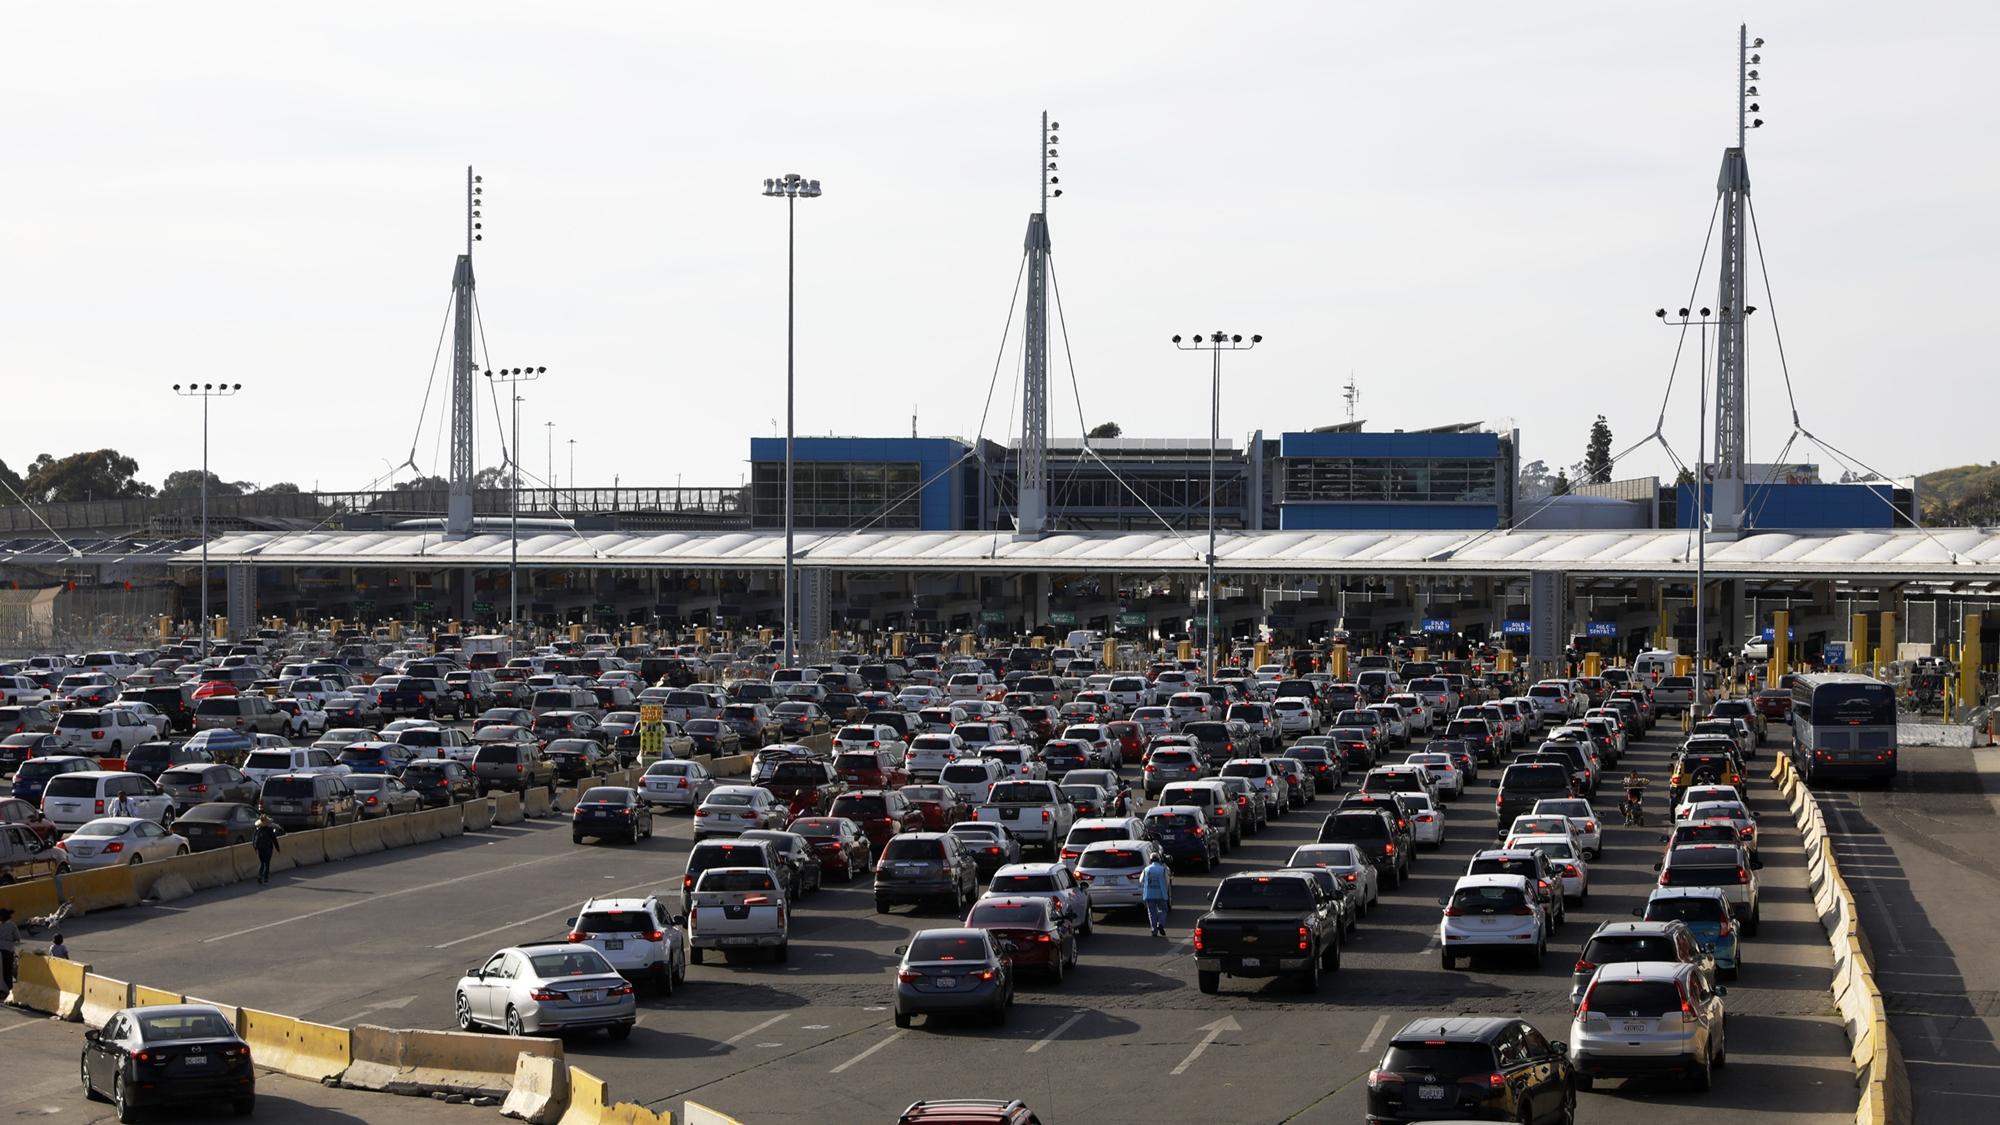 México intensifica controles fronterizos por Covid-19 durante festivo en EU